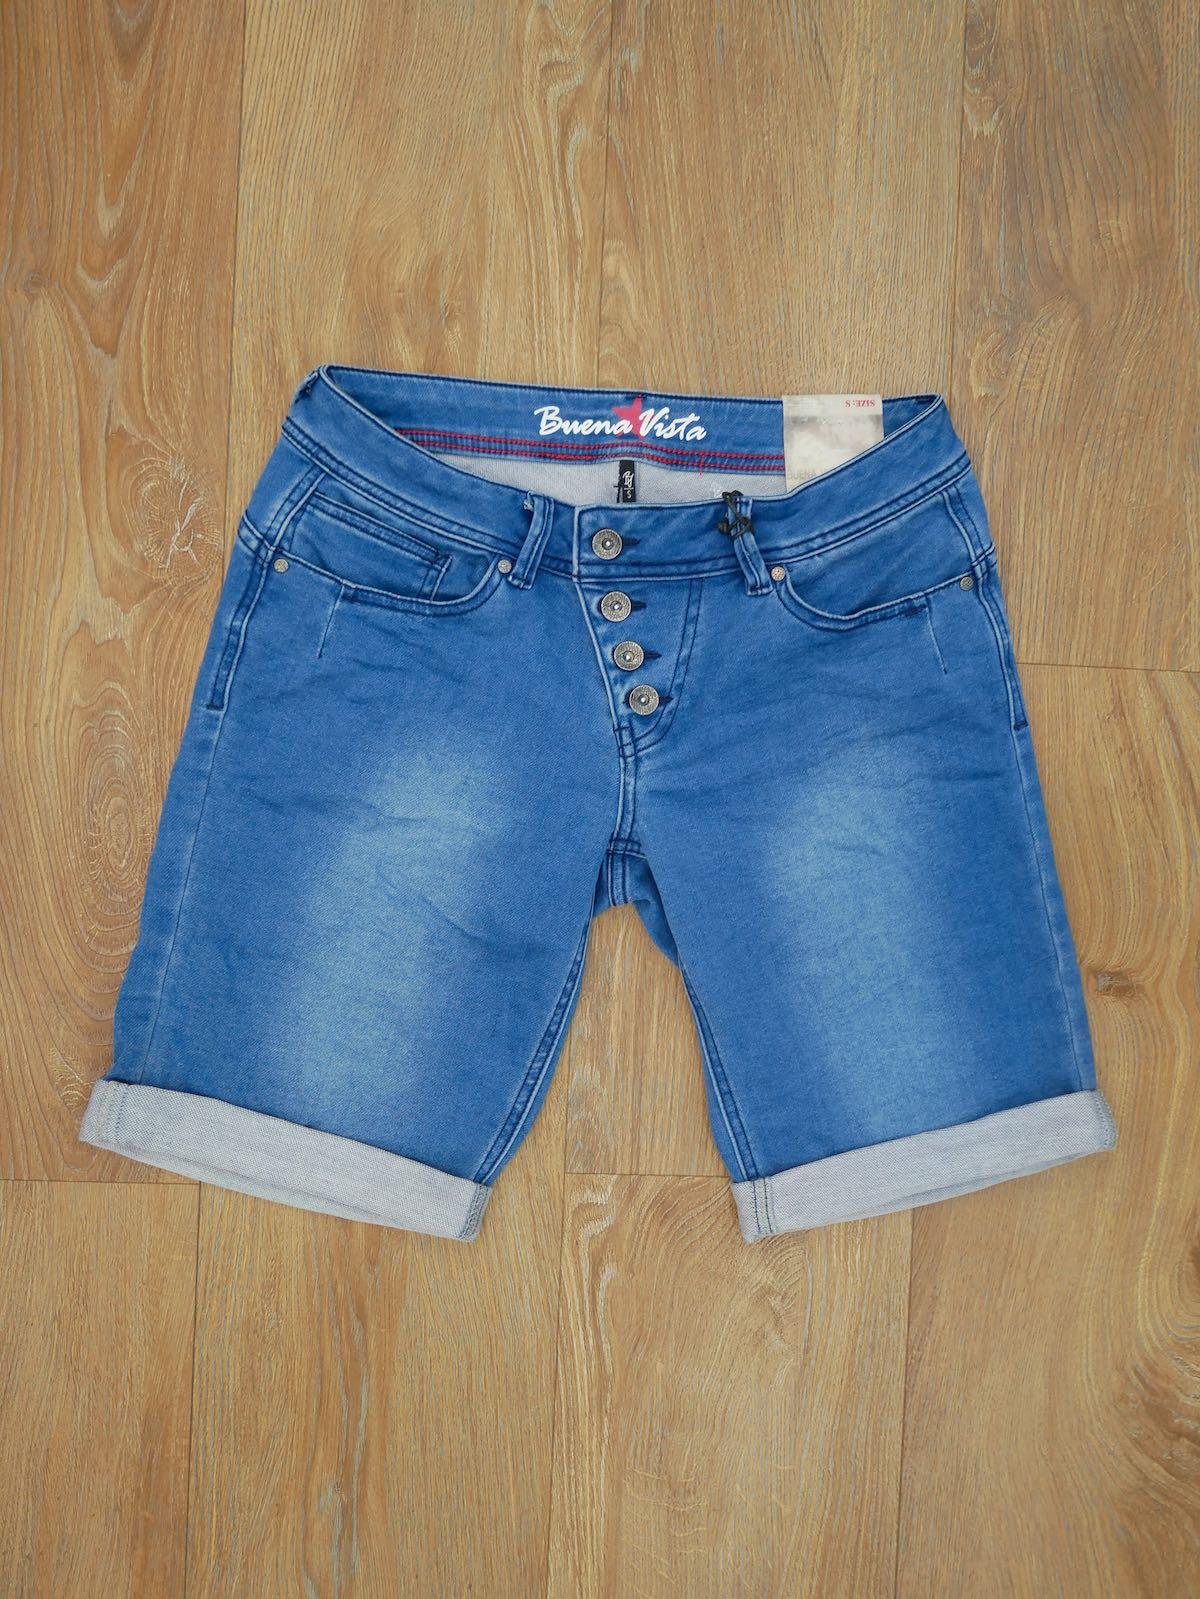 Shorts von Buena Vista blau 4